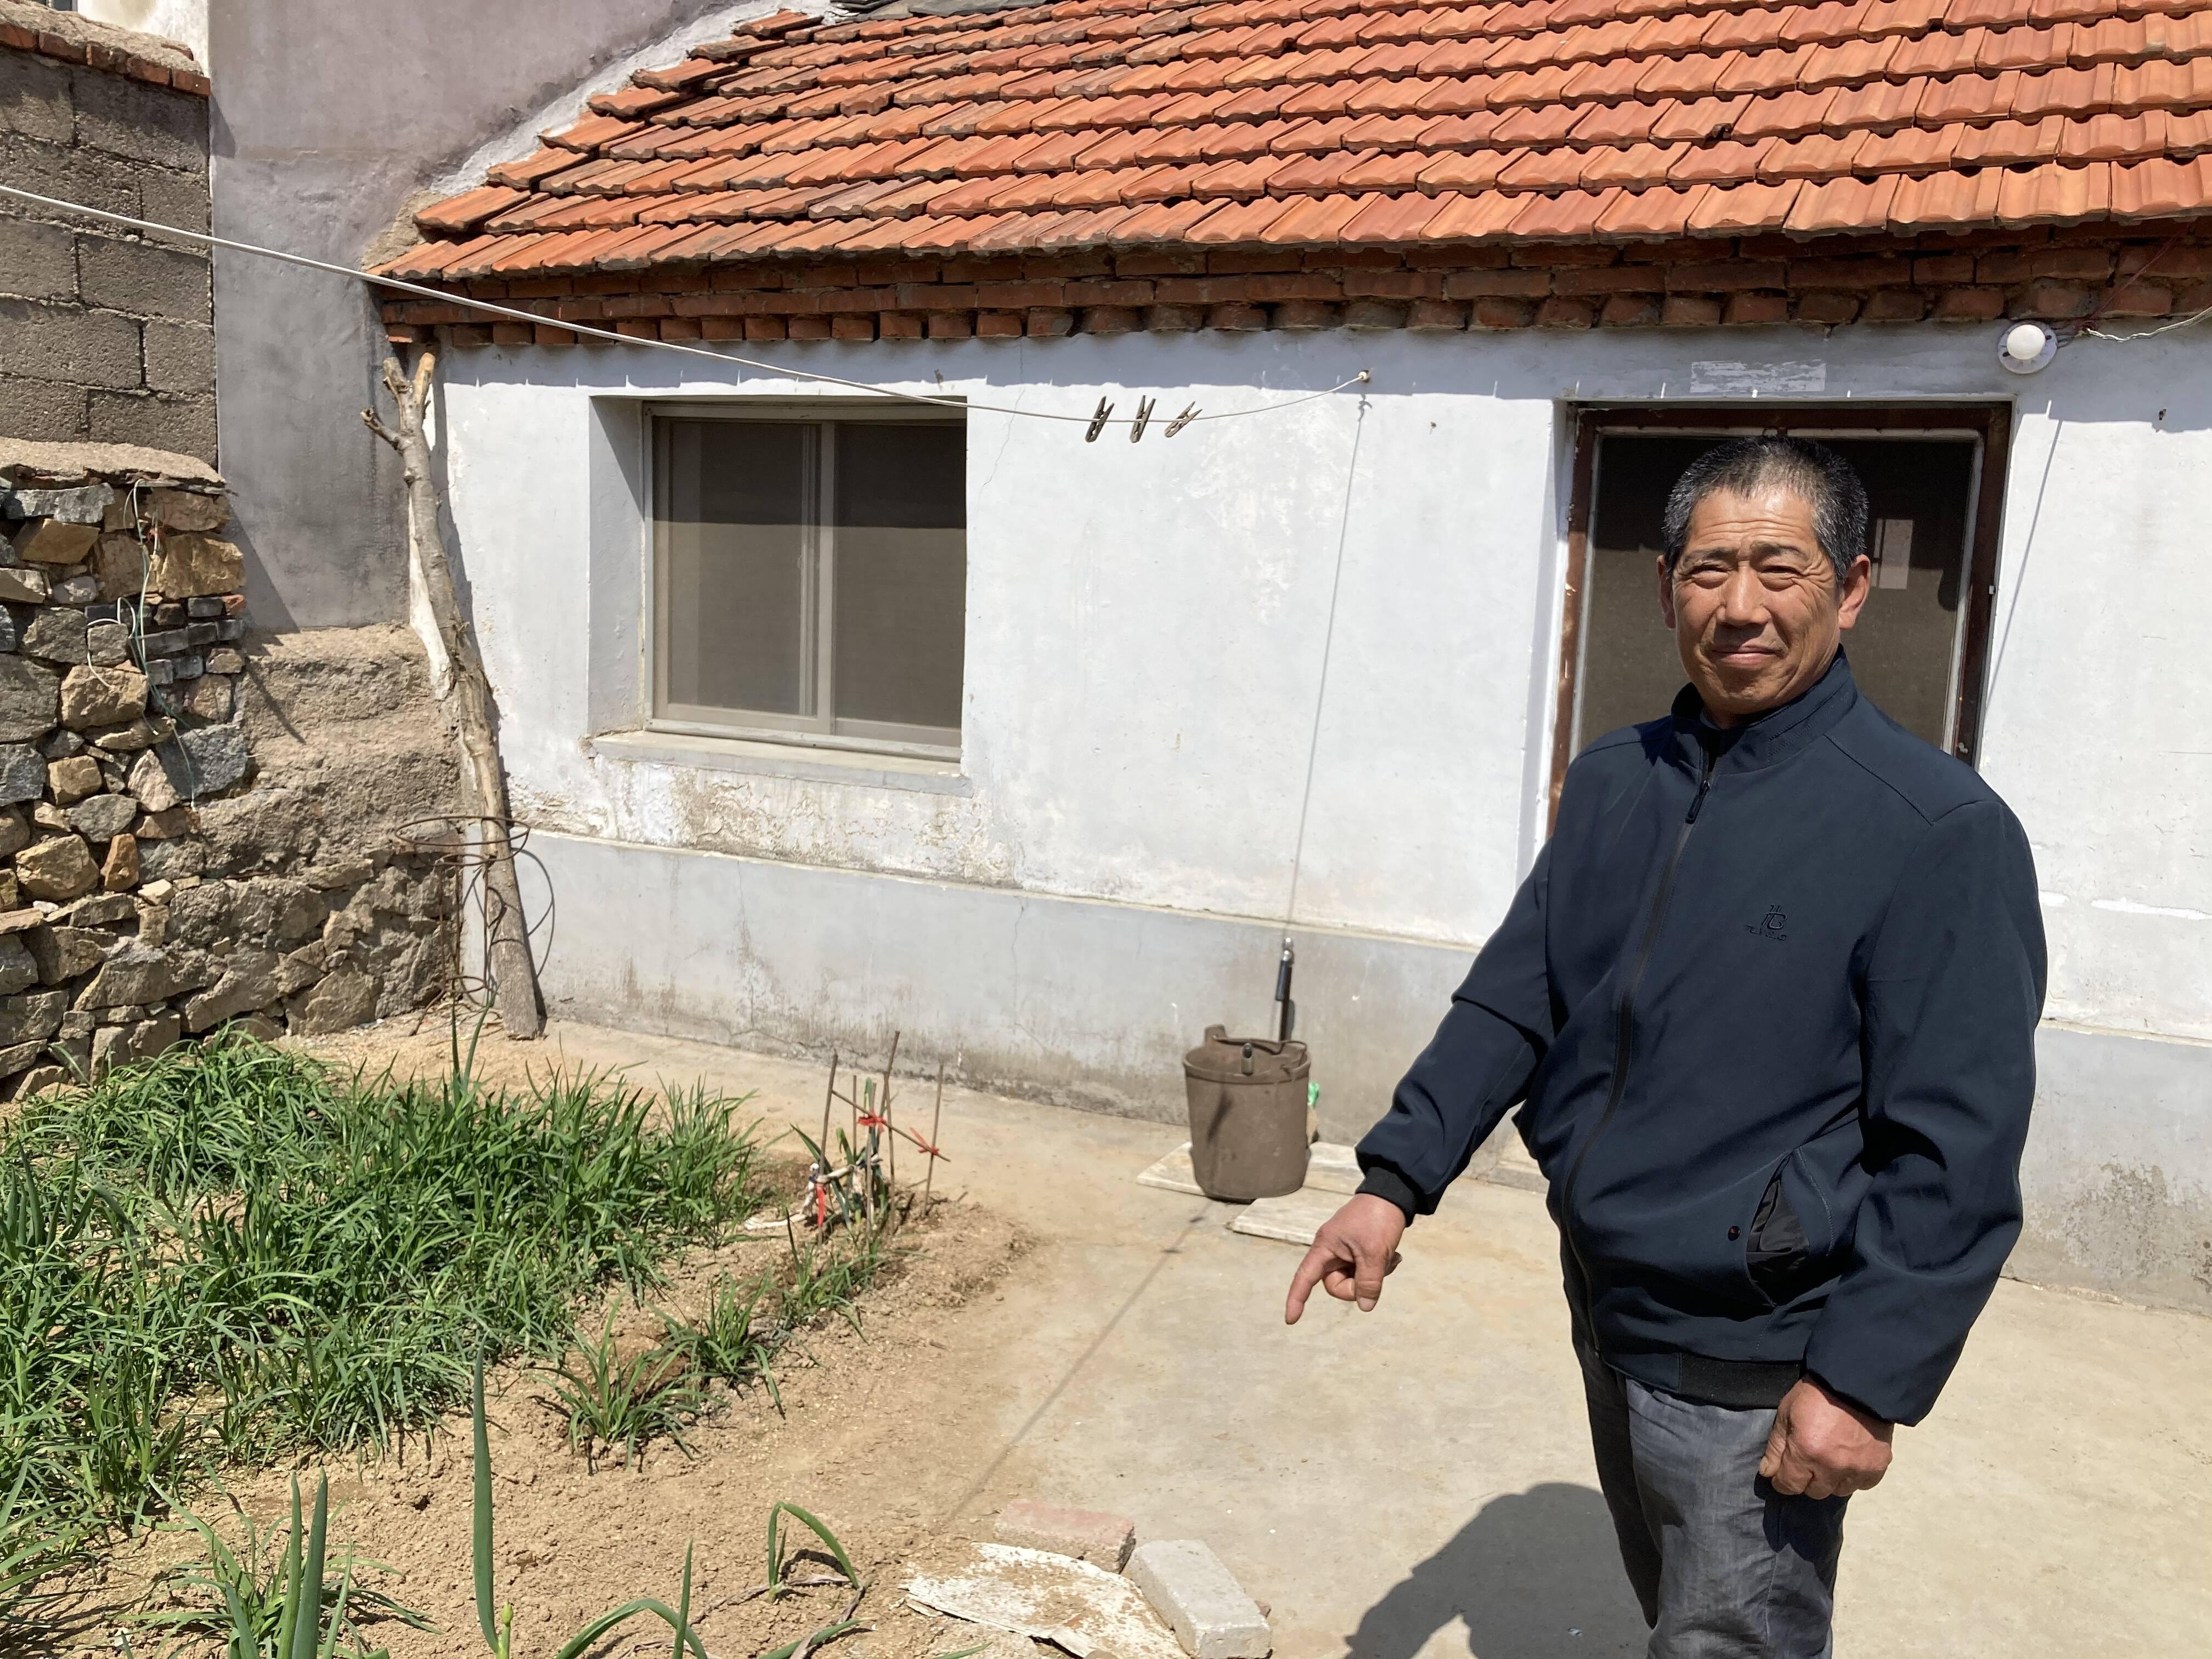 刘法强向记者介绍当时煤气罐灭火的位置。